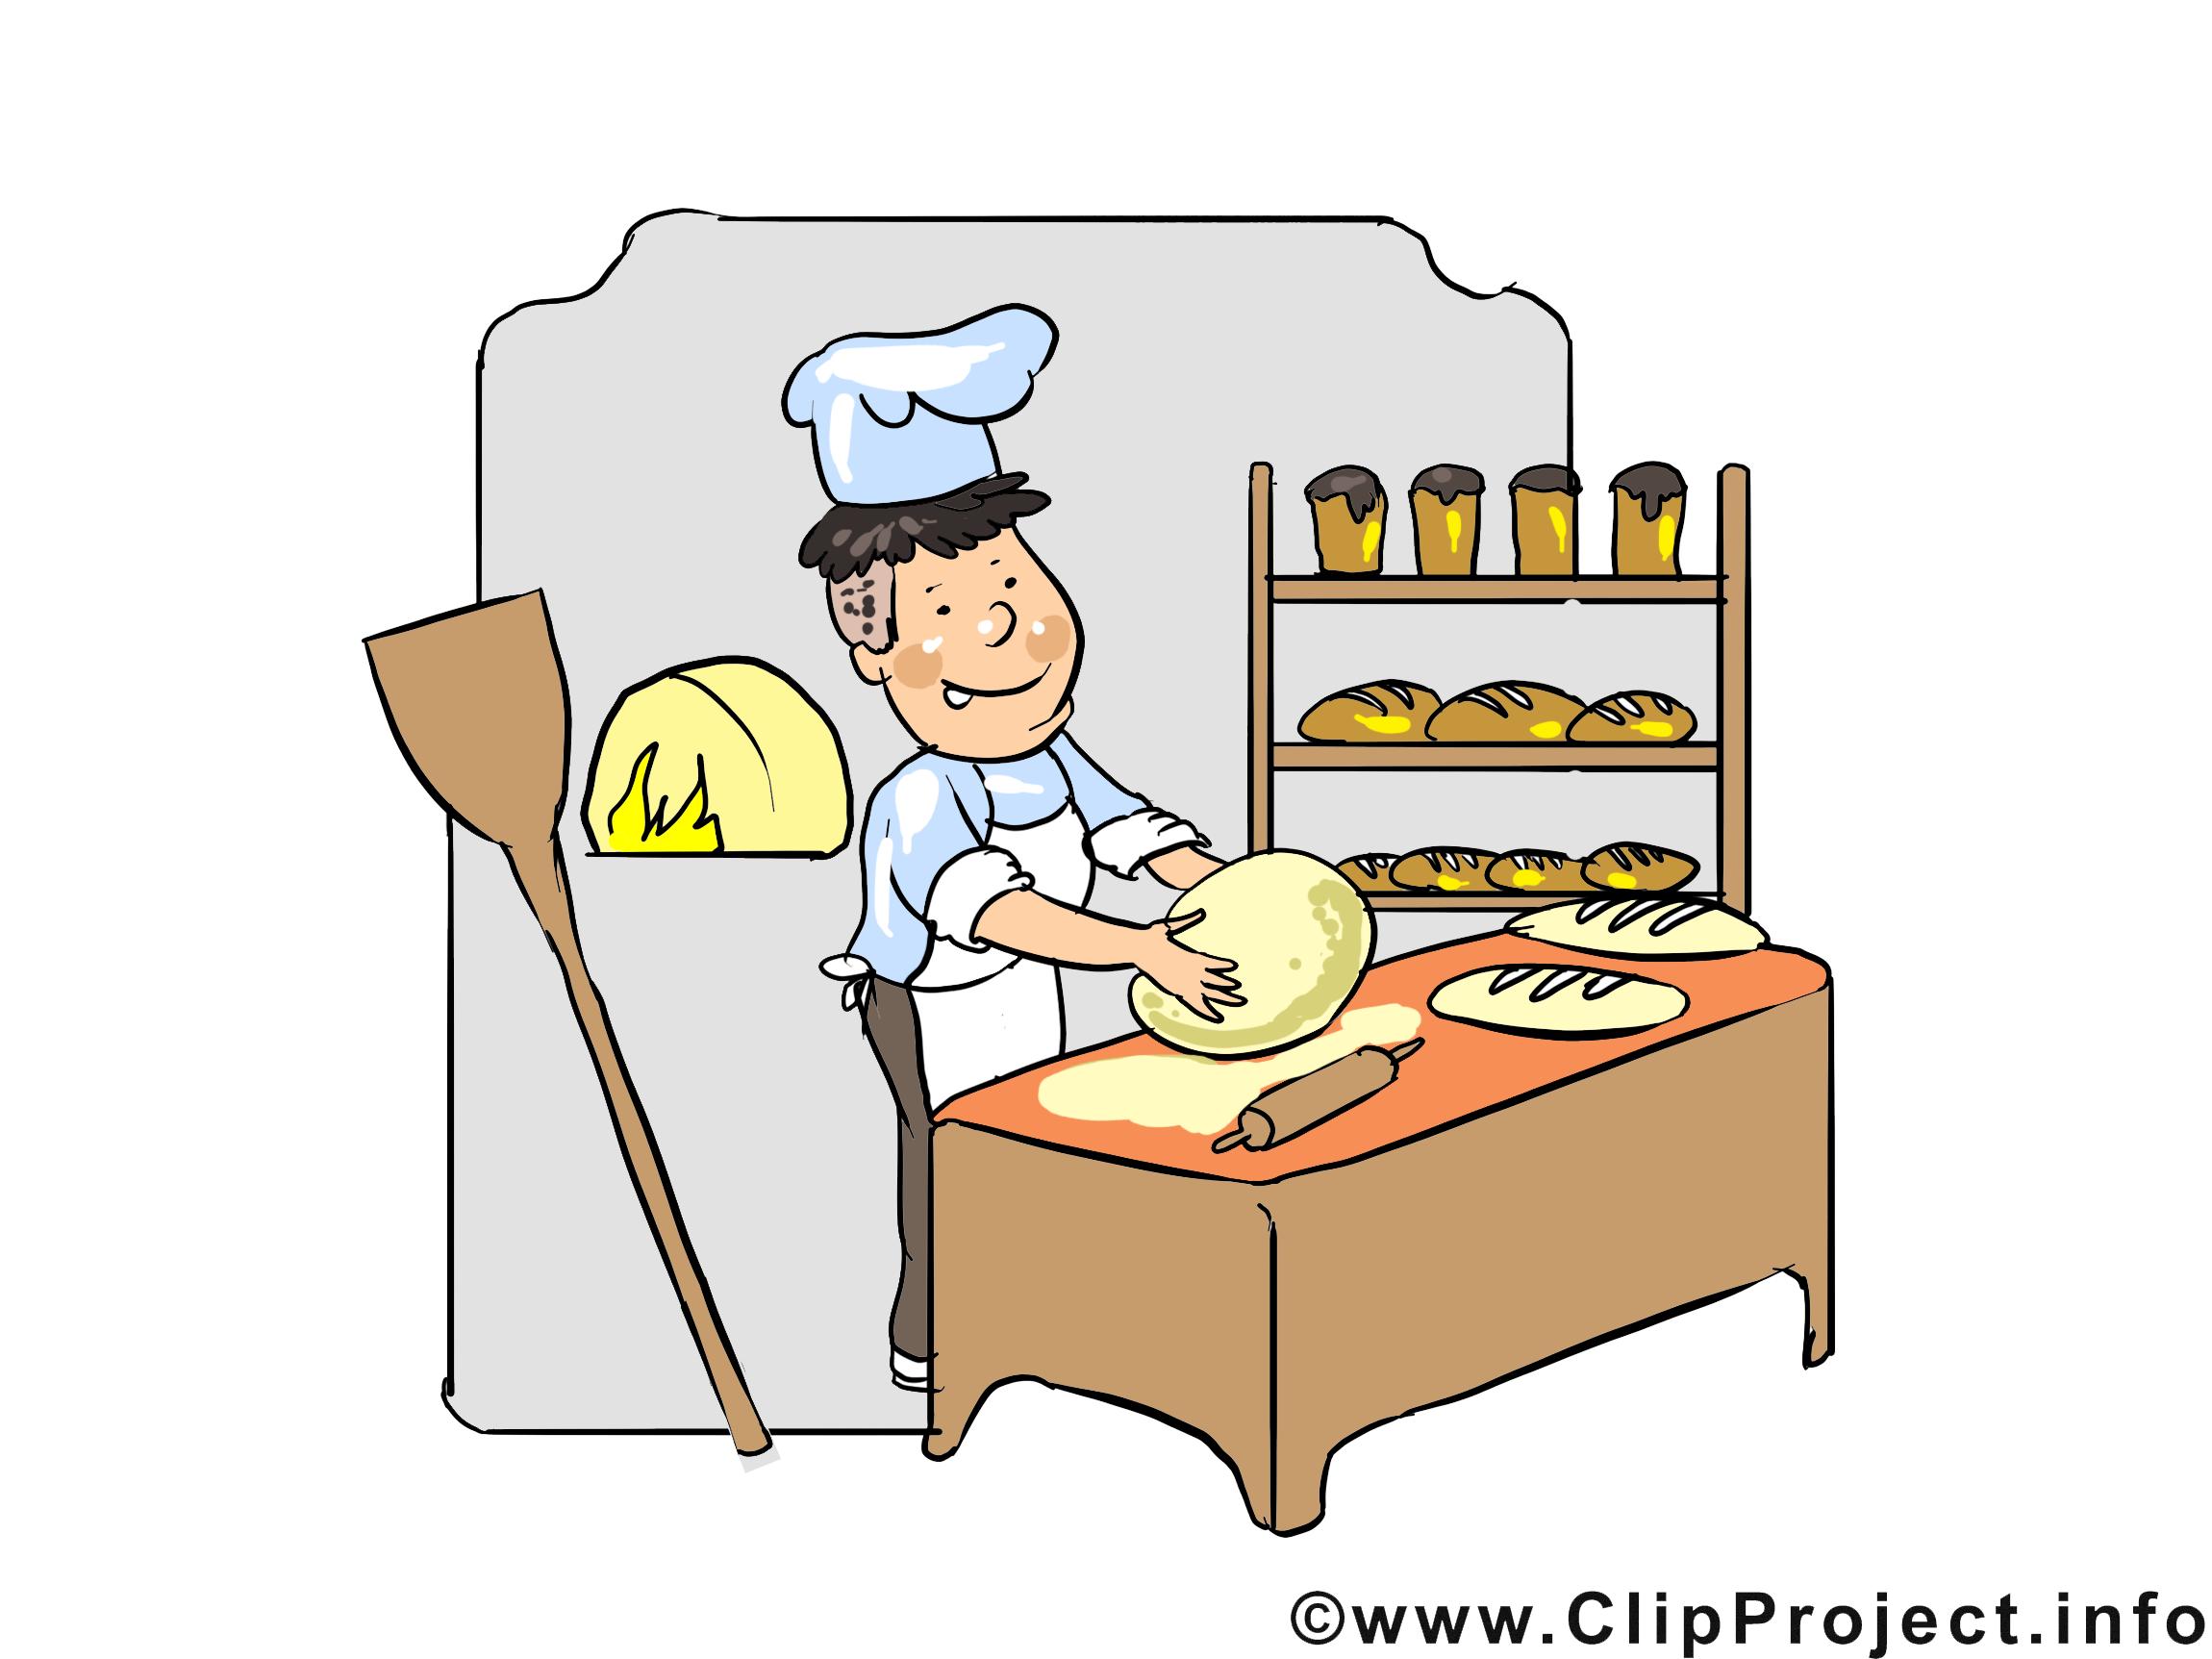 Boulanger images.